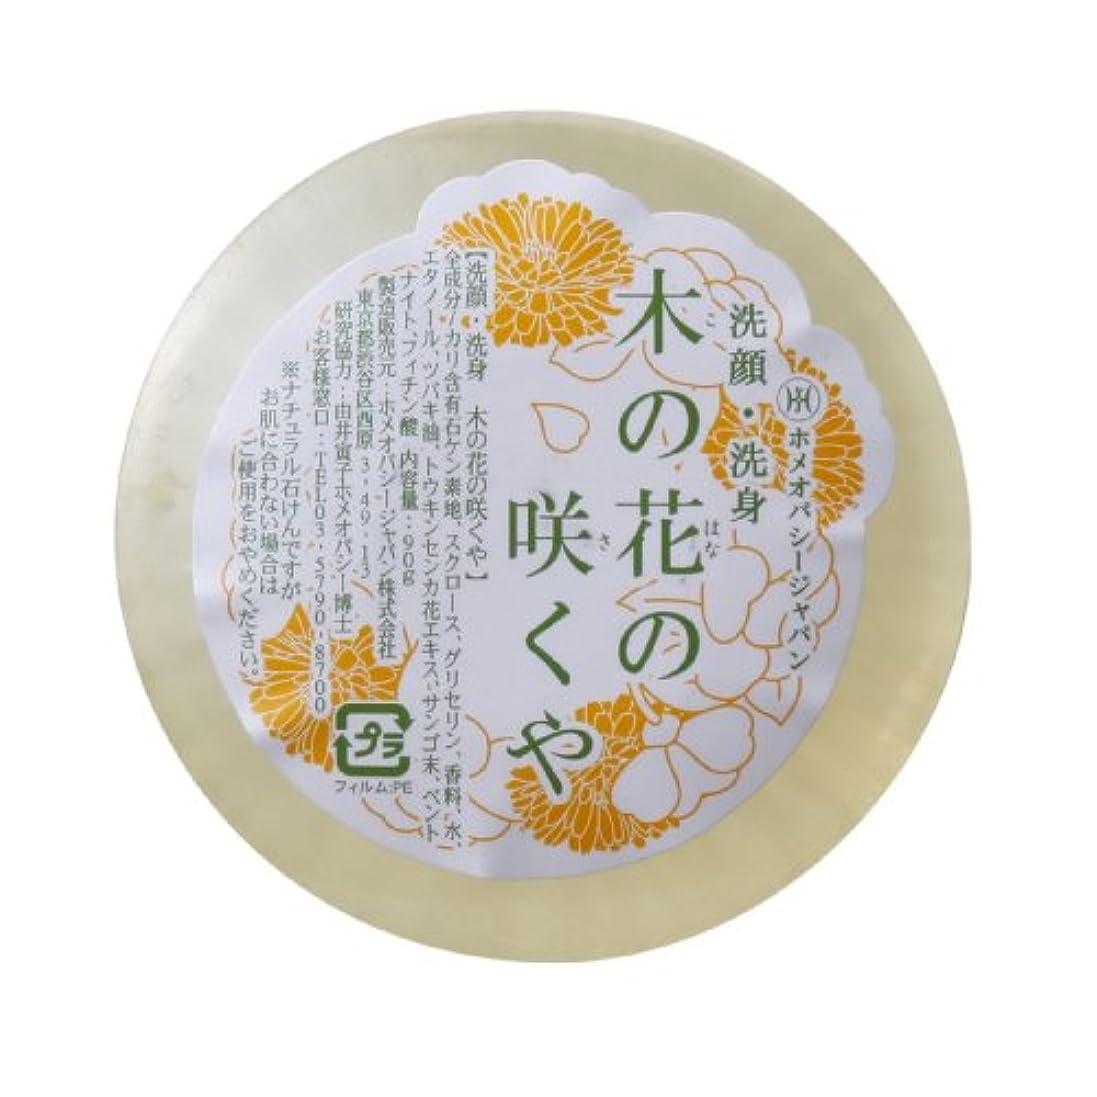 ブレンド模索ランチョン洗顔・洗身 木の花の咲くや(ソープ) 90g